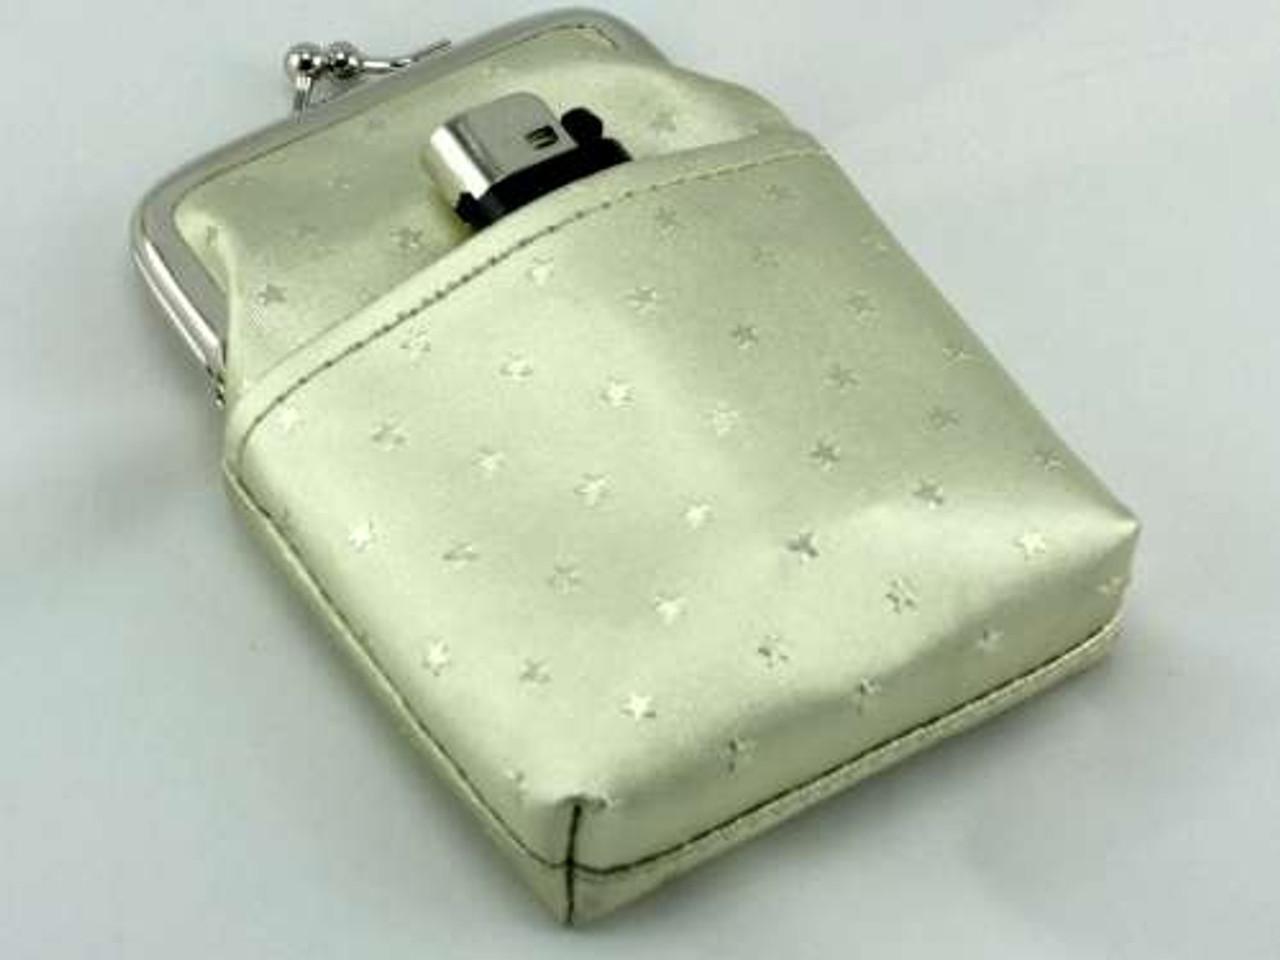 Gold Stars Cigarette Pack Holder